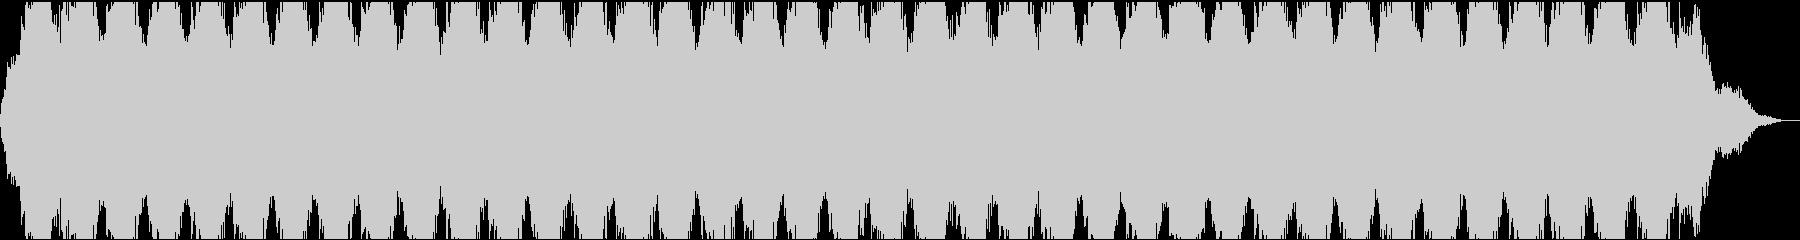 空間BGM2 16bit48kHzVerの未再生の波形